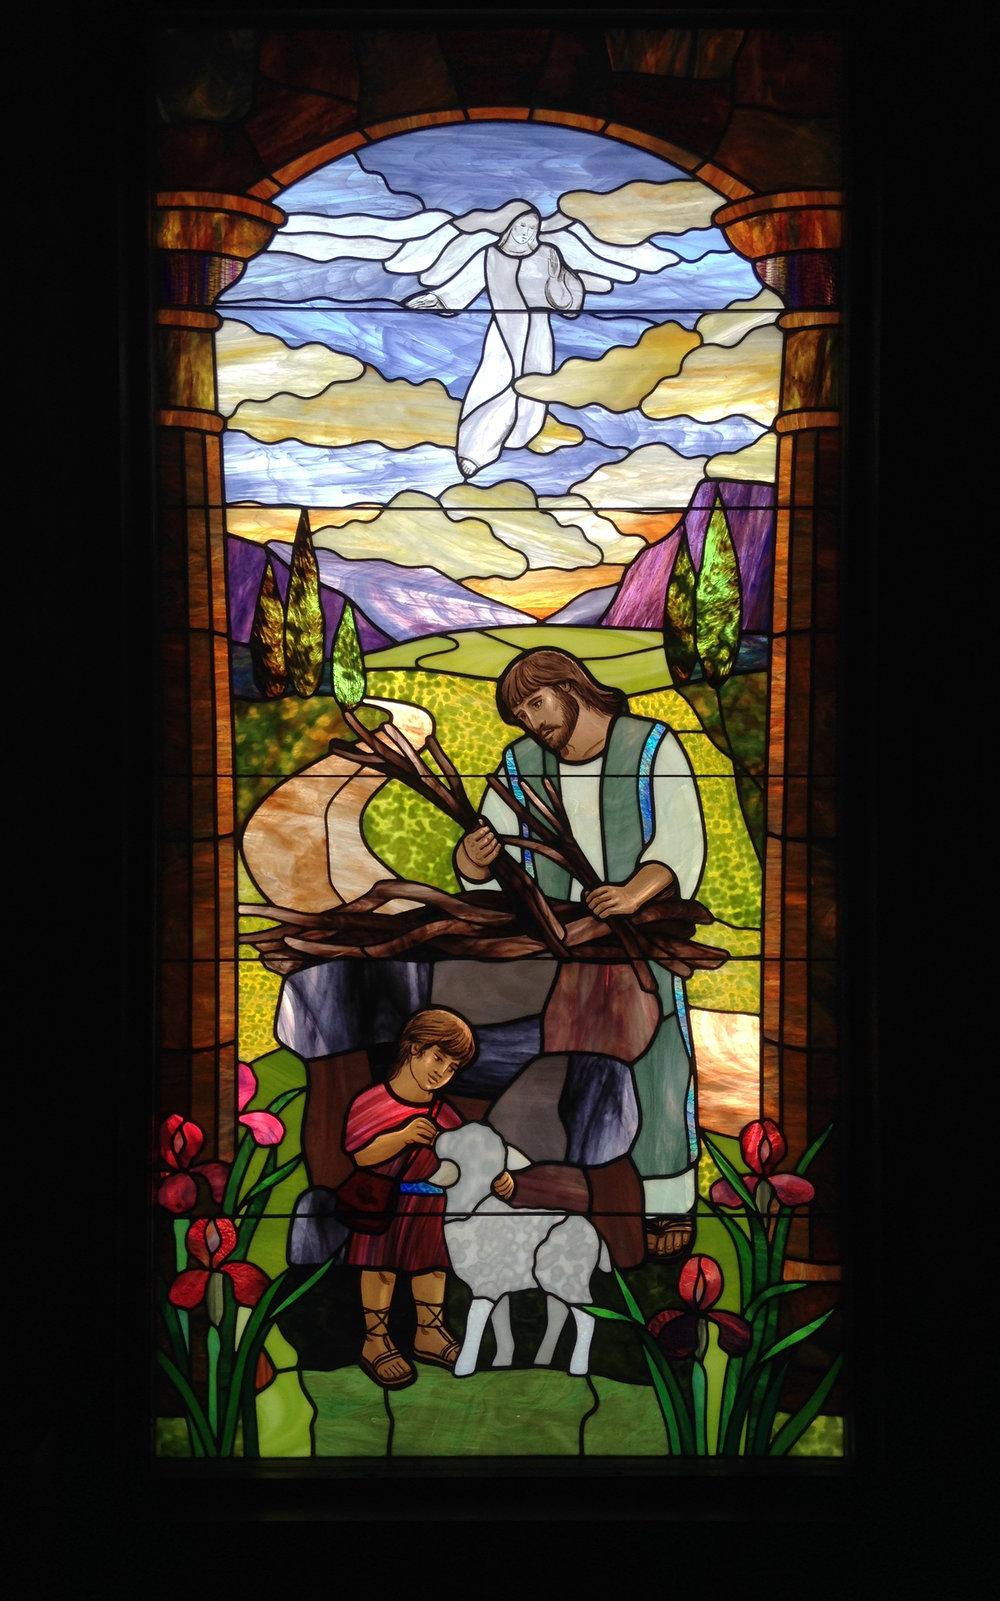 St. John Cantius - Freesoil, MI